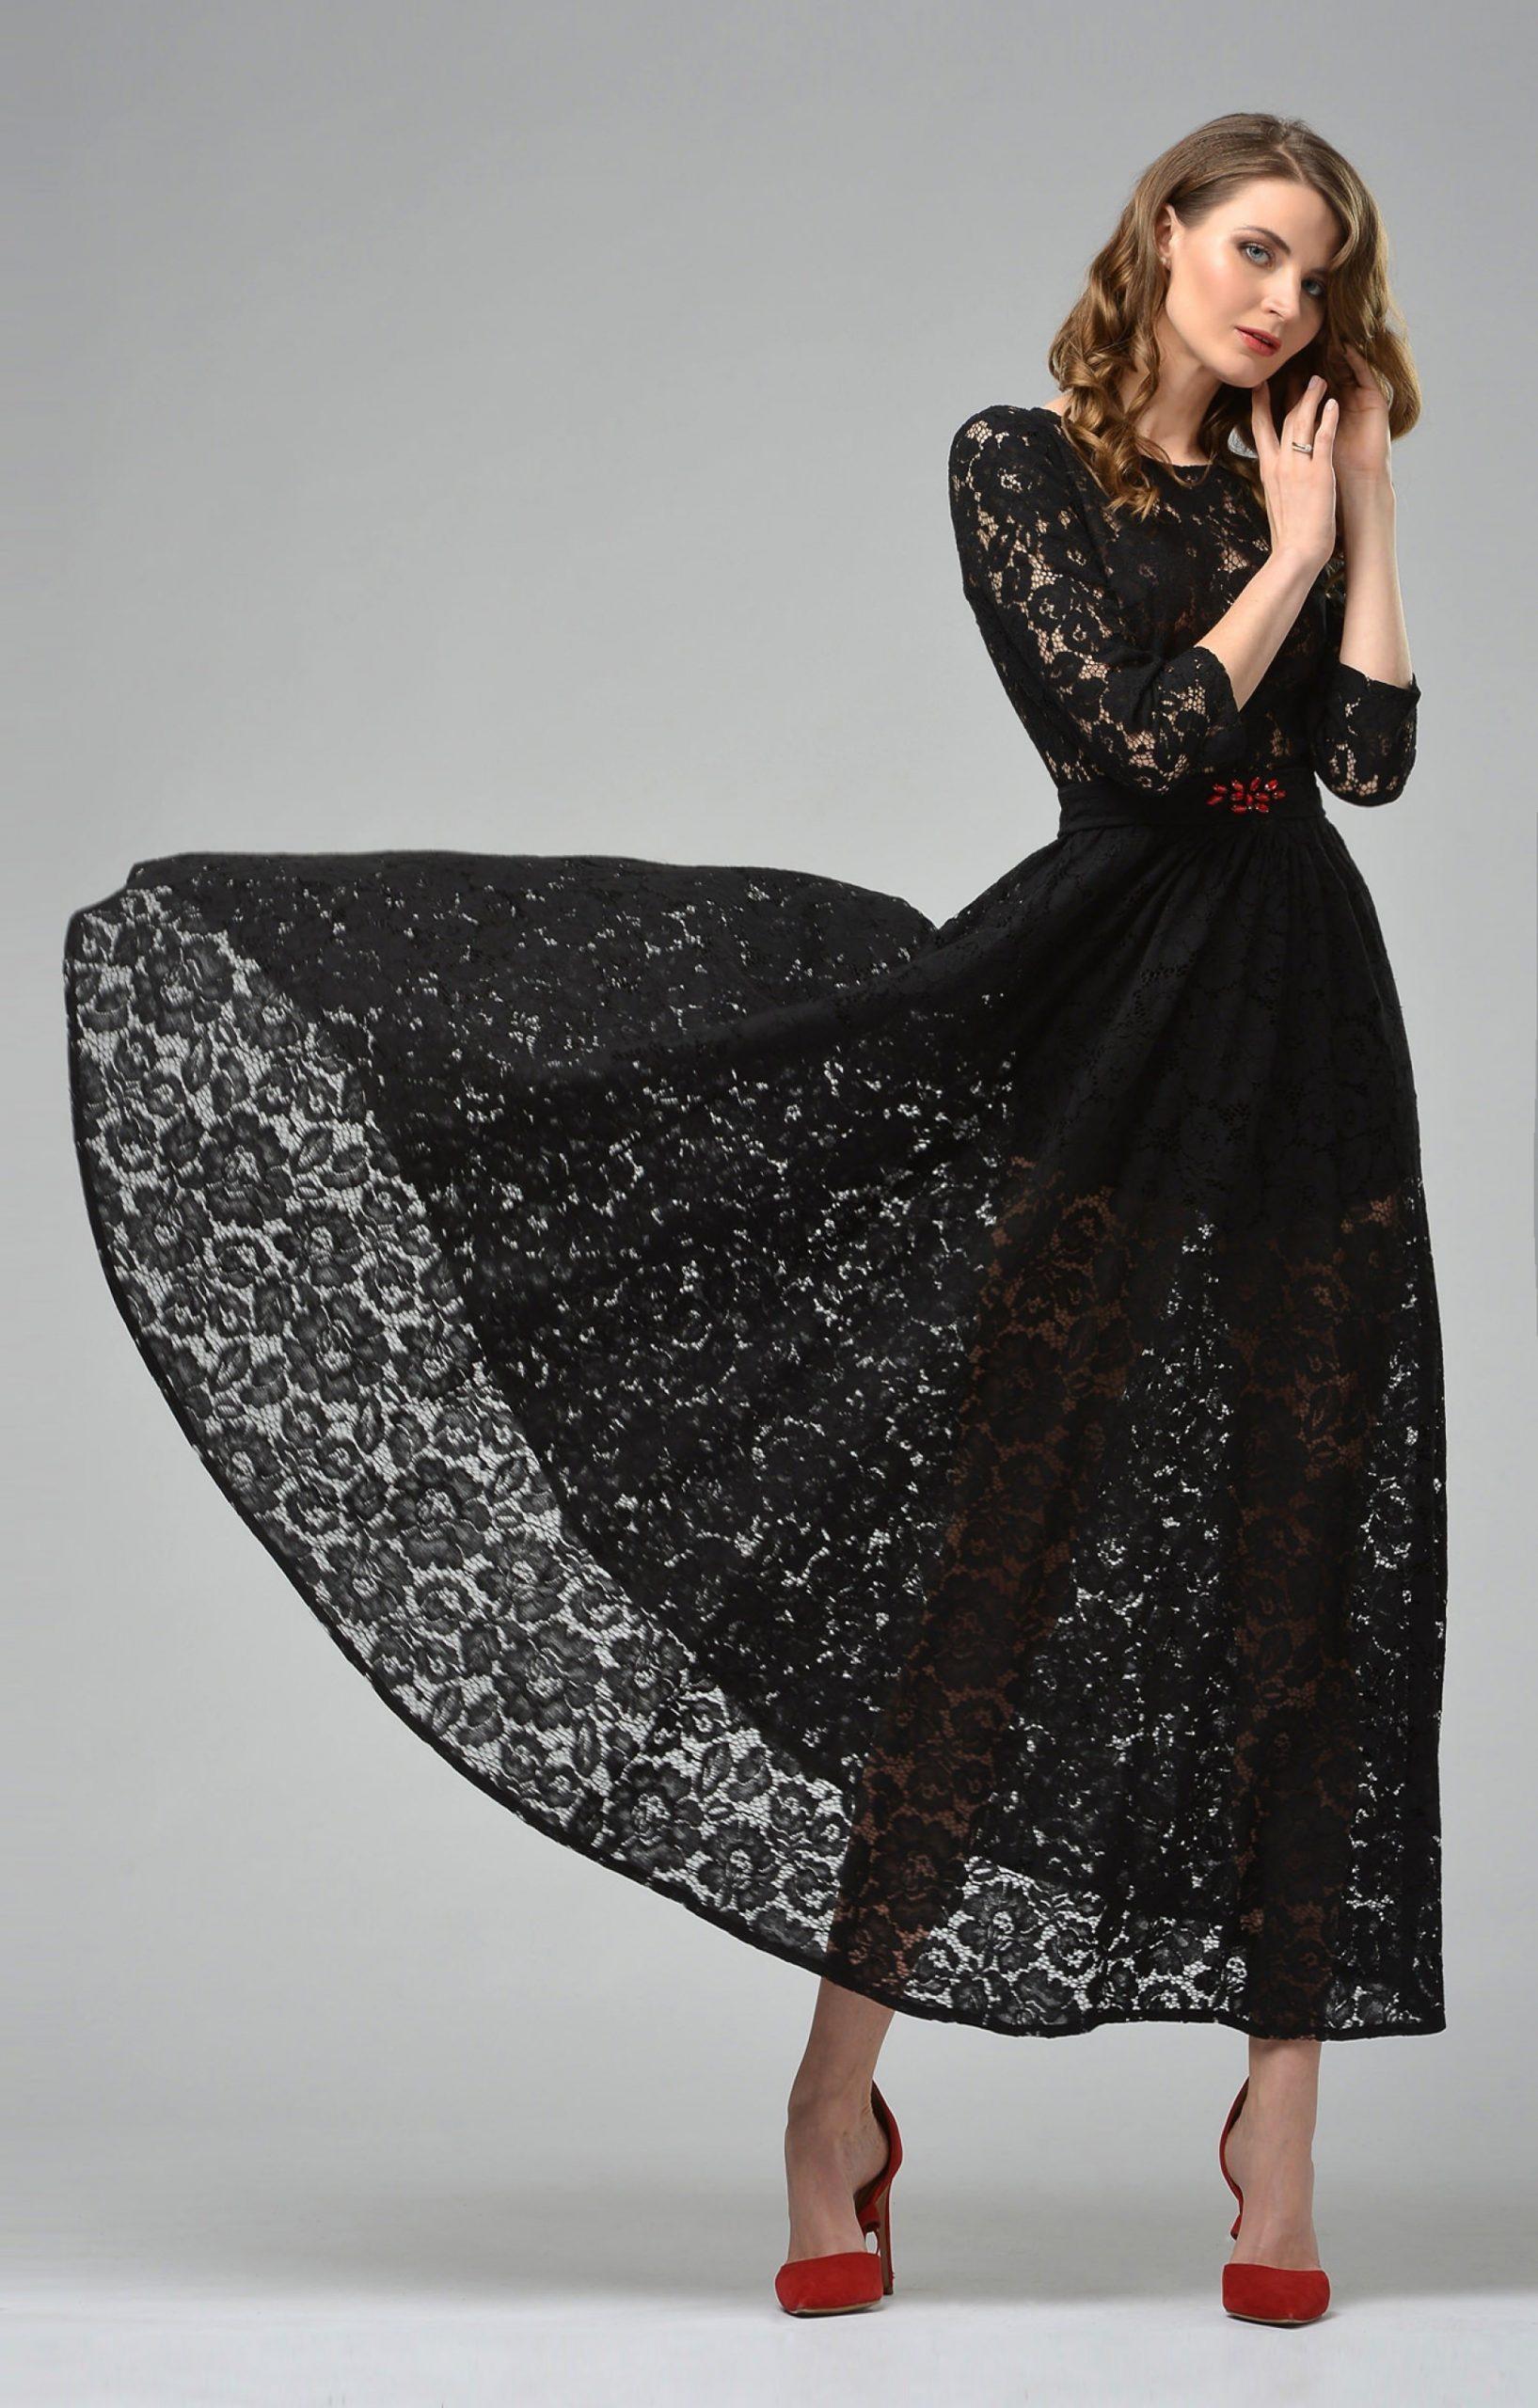 20 Schön Zara Abendkleid Boutique Perfekt Zara Abendkleid Galerie